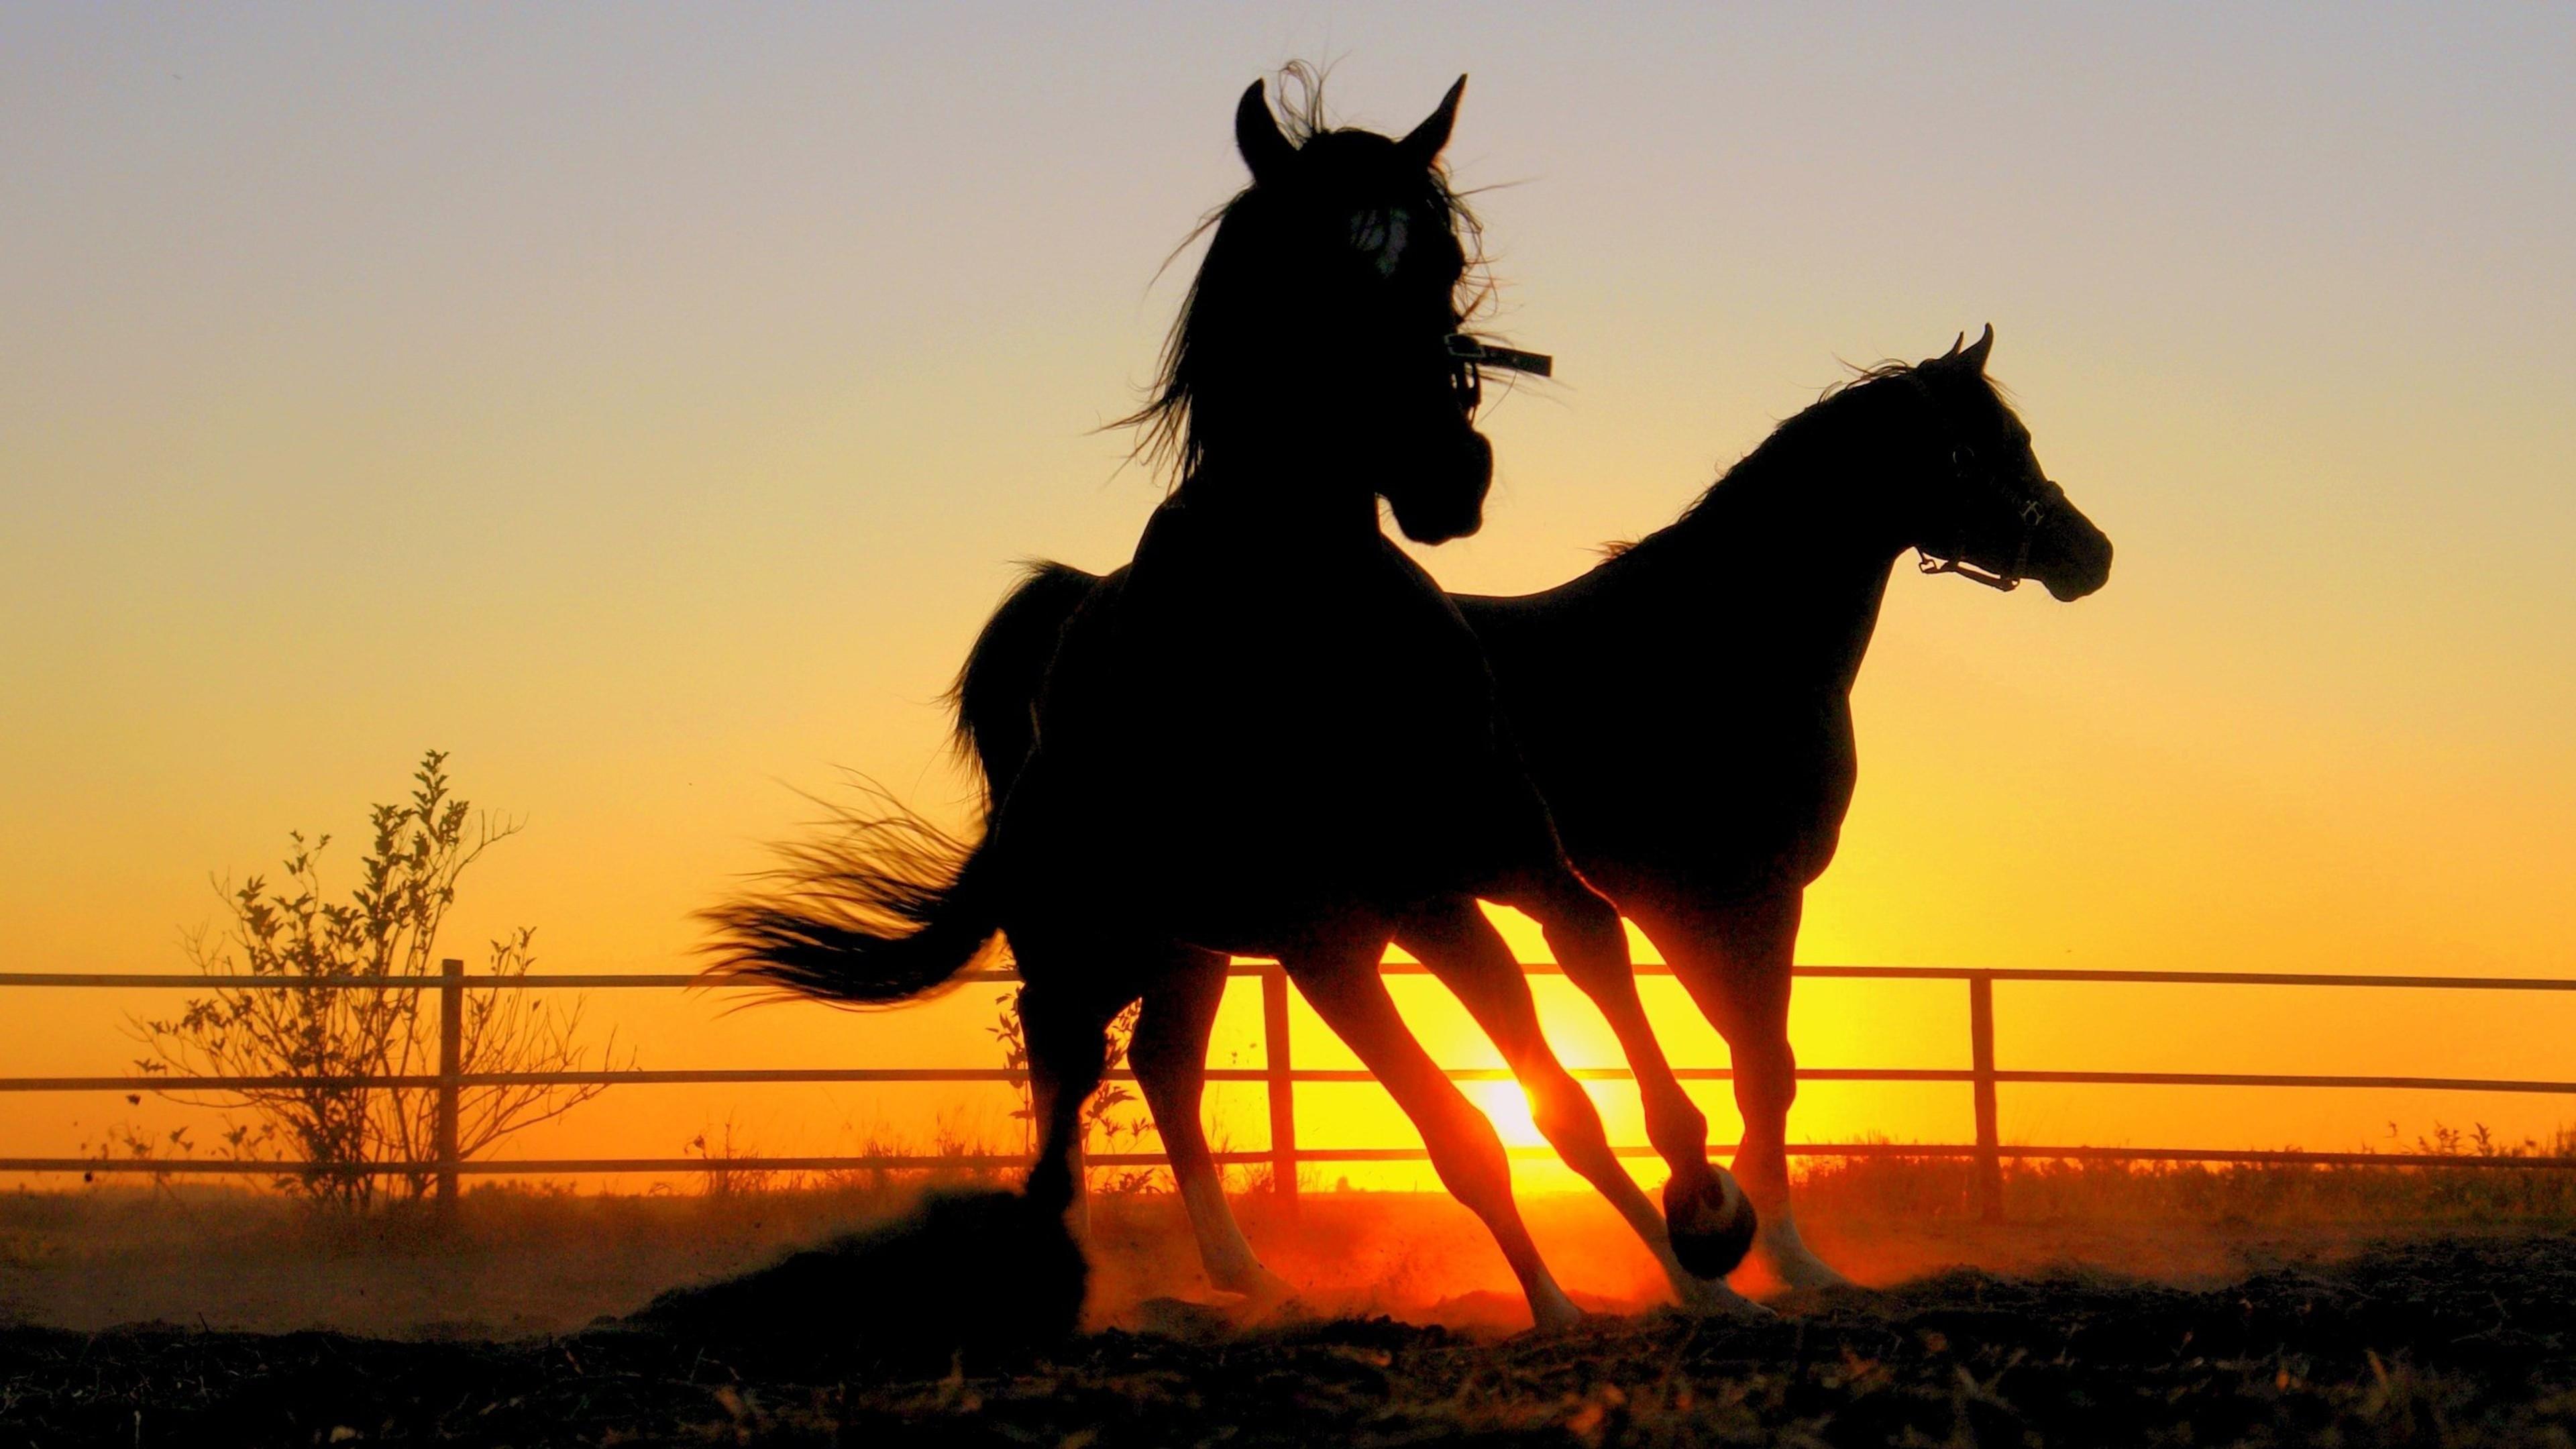 Black Horse Desktop Wallpapers 3840x2160